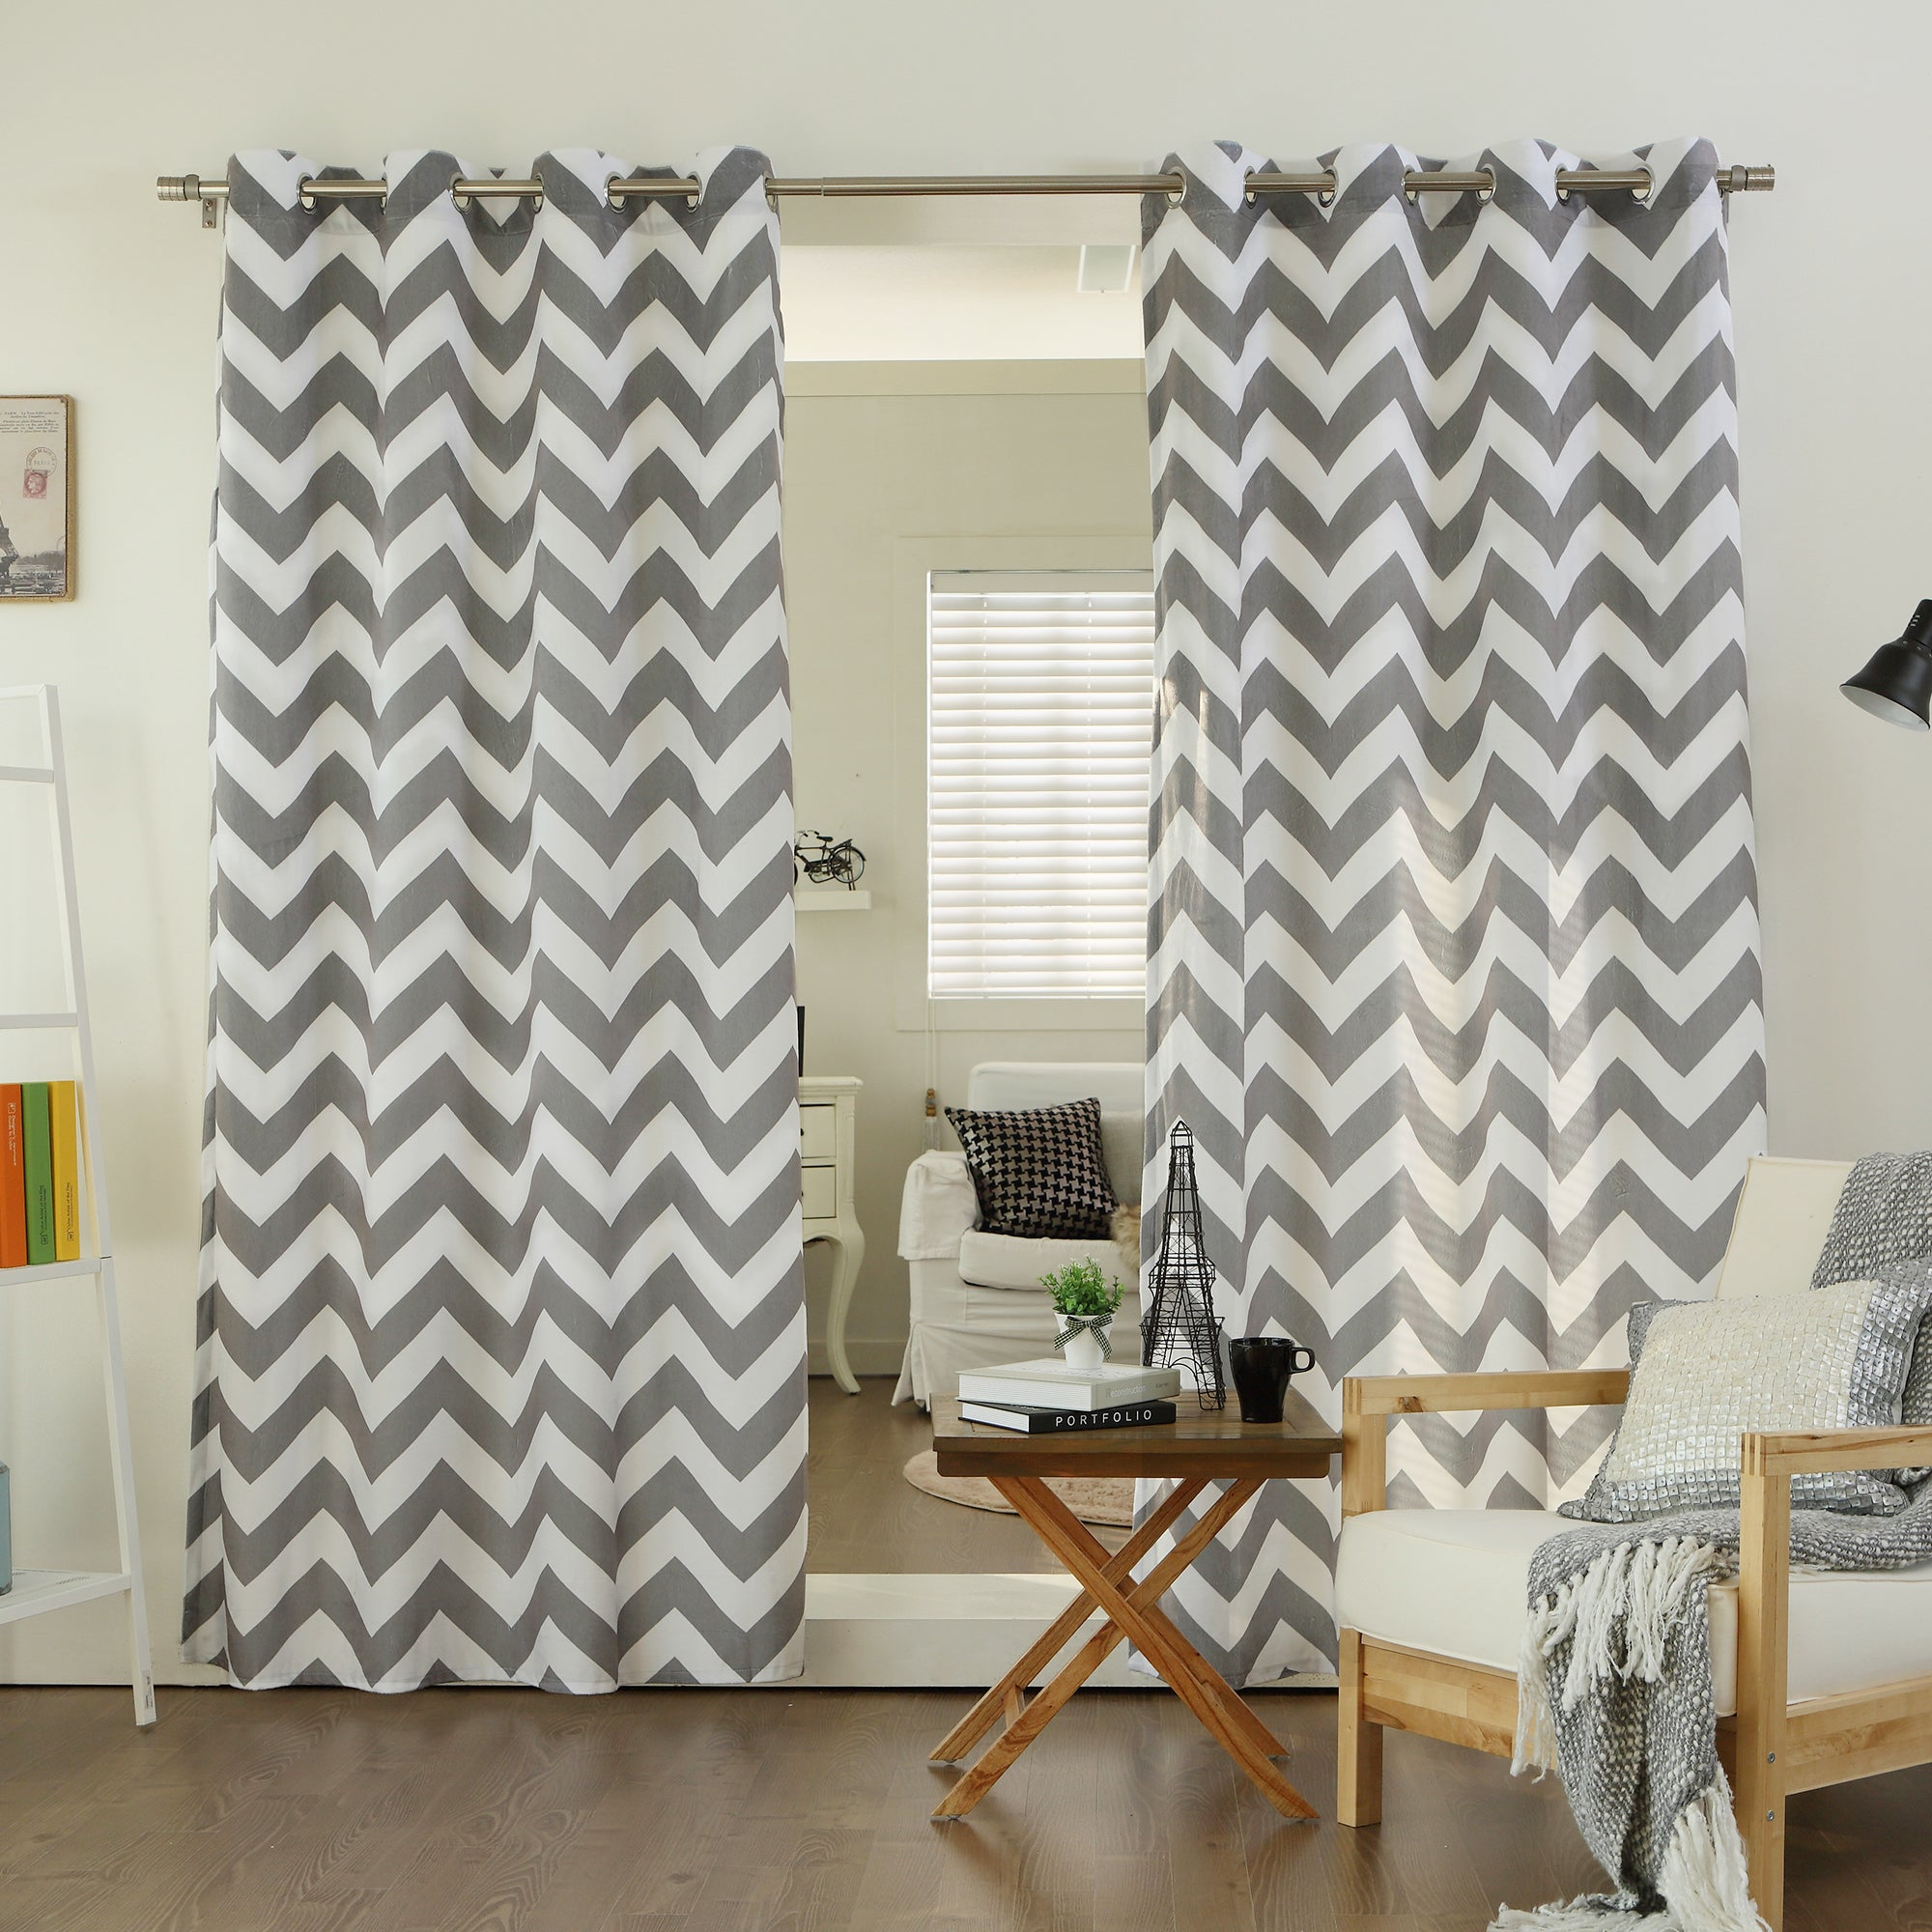 Velvet Chevron Print Grommet Top 84-inch Curtain Panel Pair